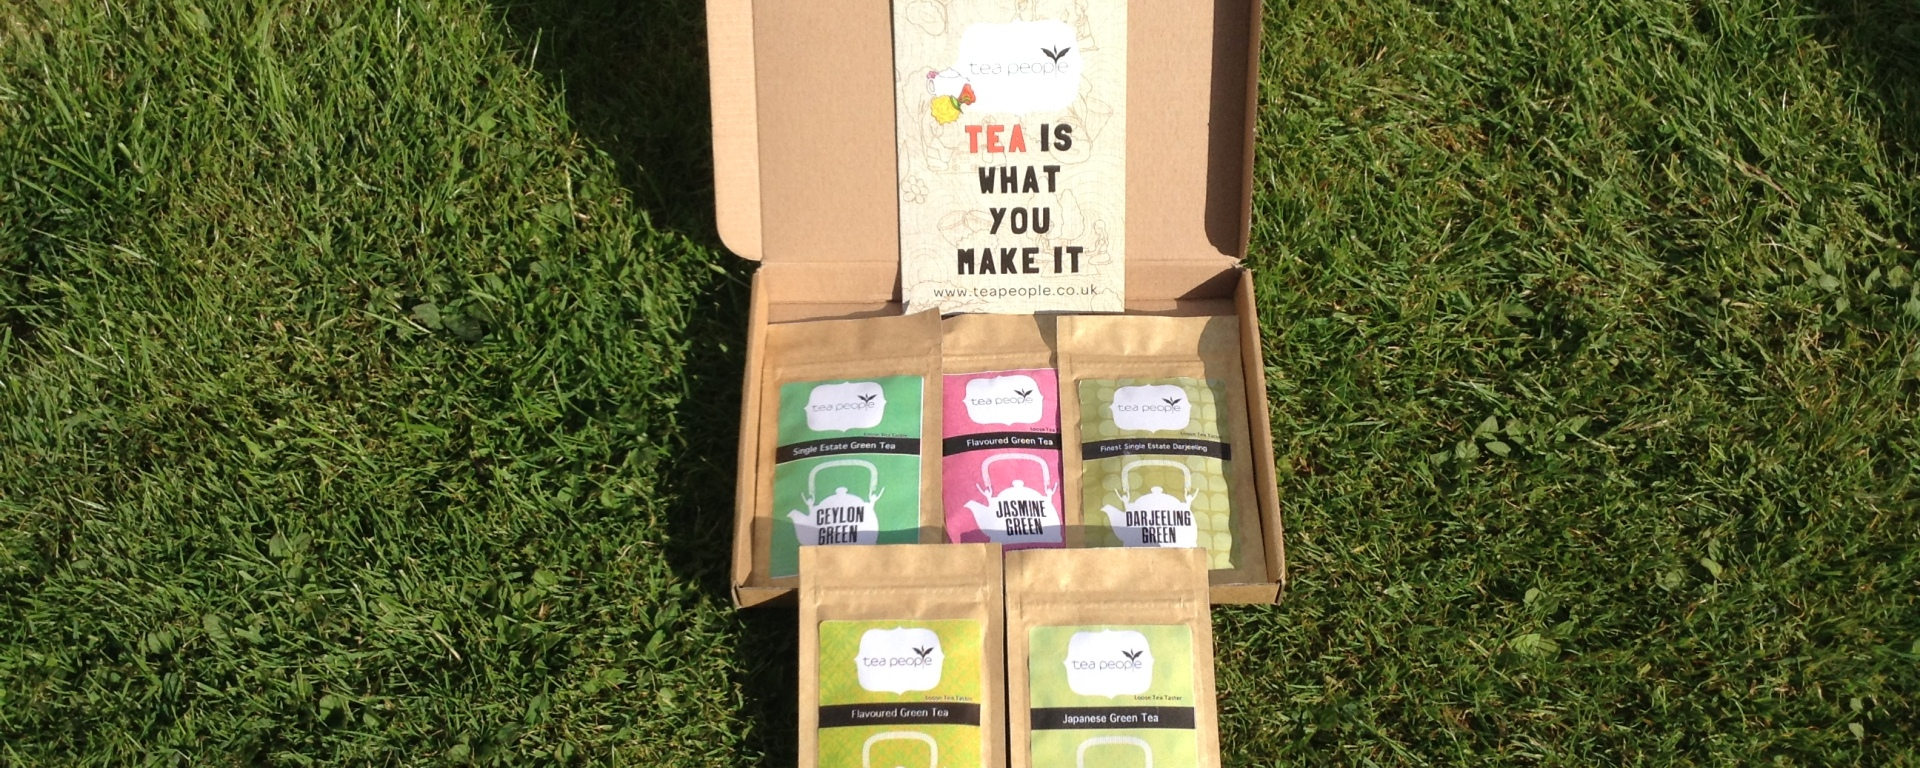 tea people samples